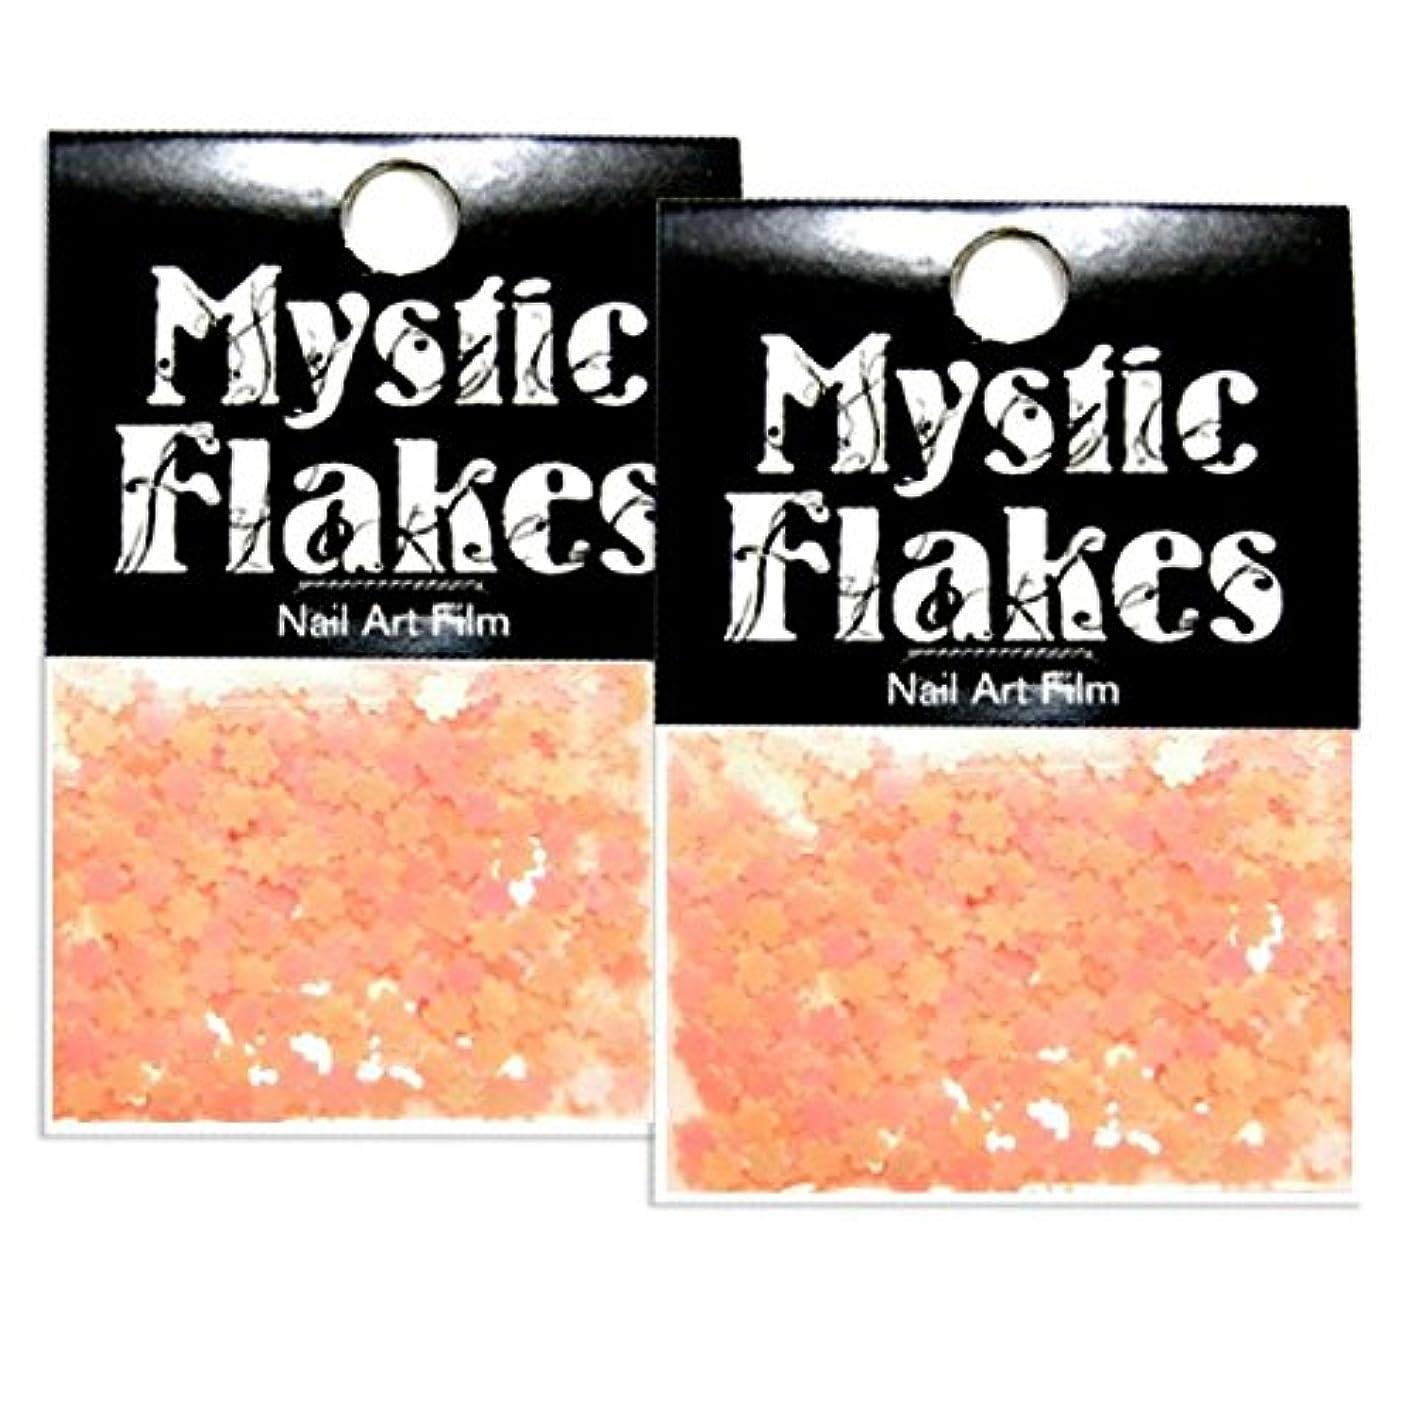 分子著名なトイレミスティックフレース ネイル用ストーン ルミネオレンジ フラワー 0.5g 2個セット